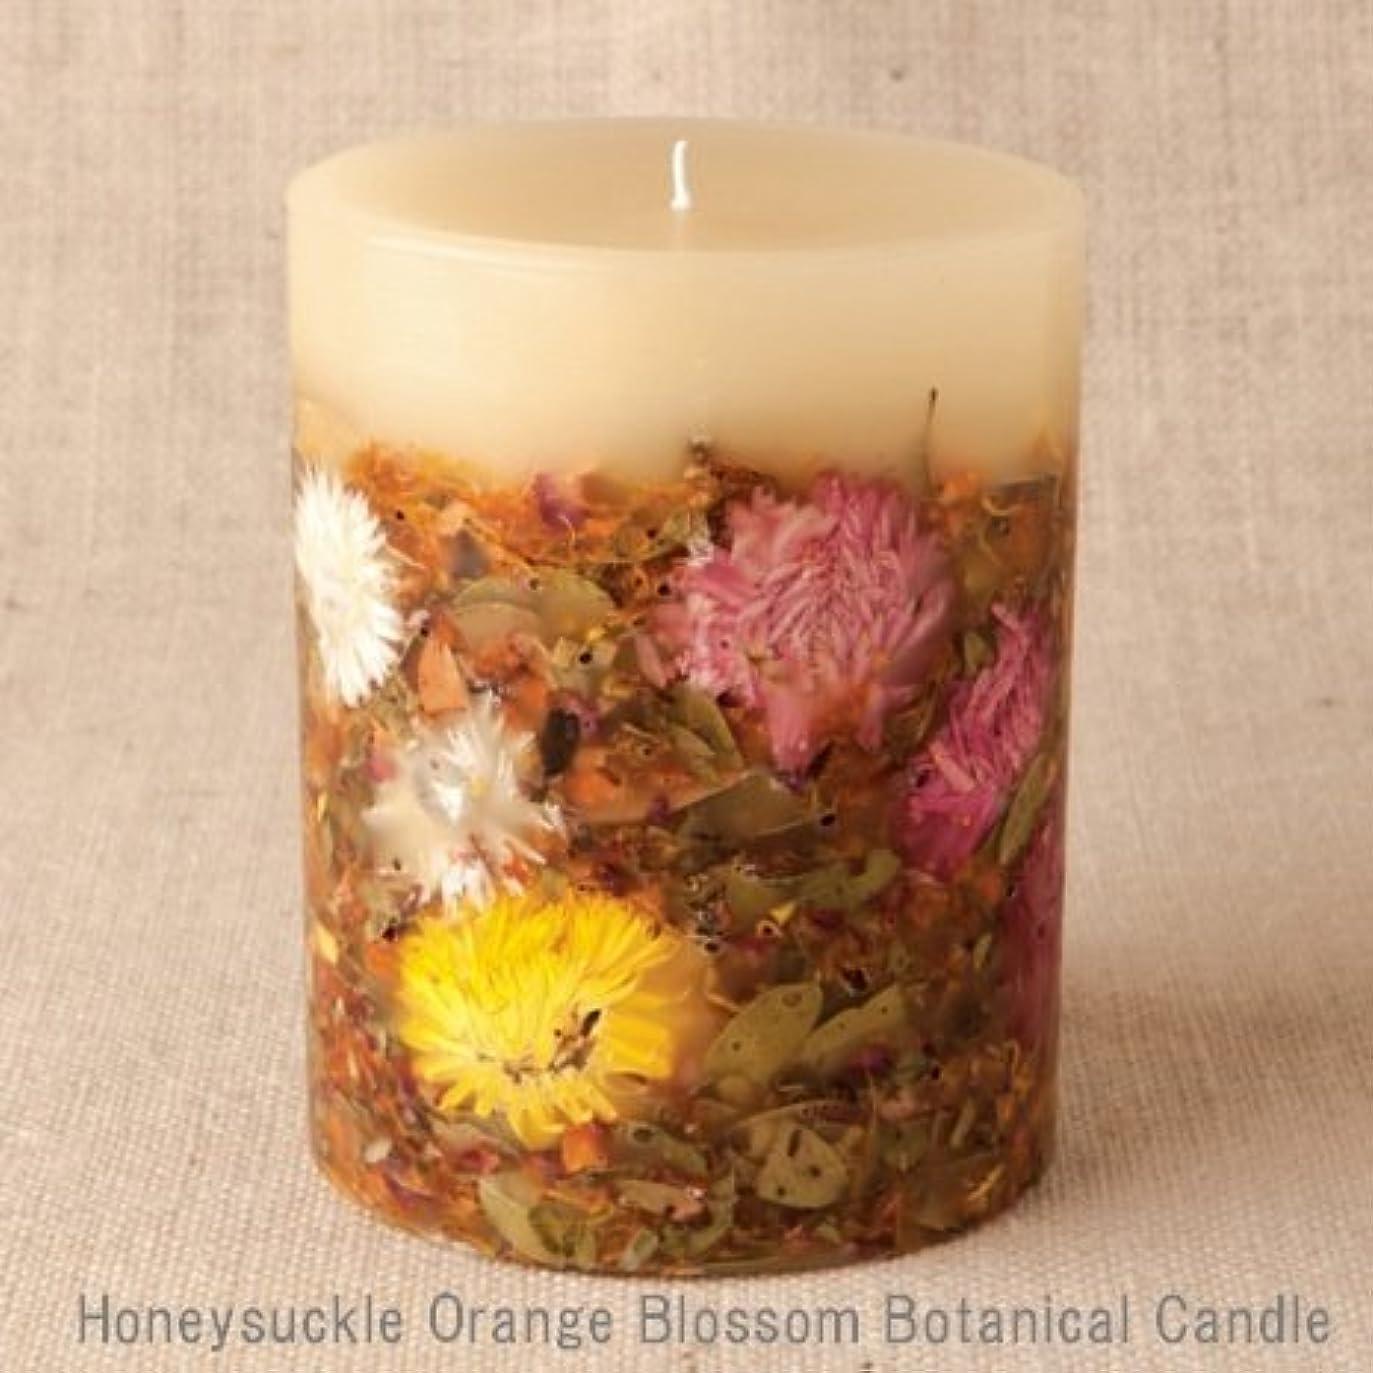 食欲いう歌手【Rosy Rings ロージーリングス】 Botanical candle キャンドル ハニーサックルオレンジ&ブロッサム